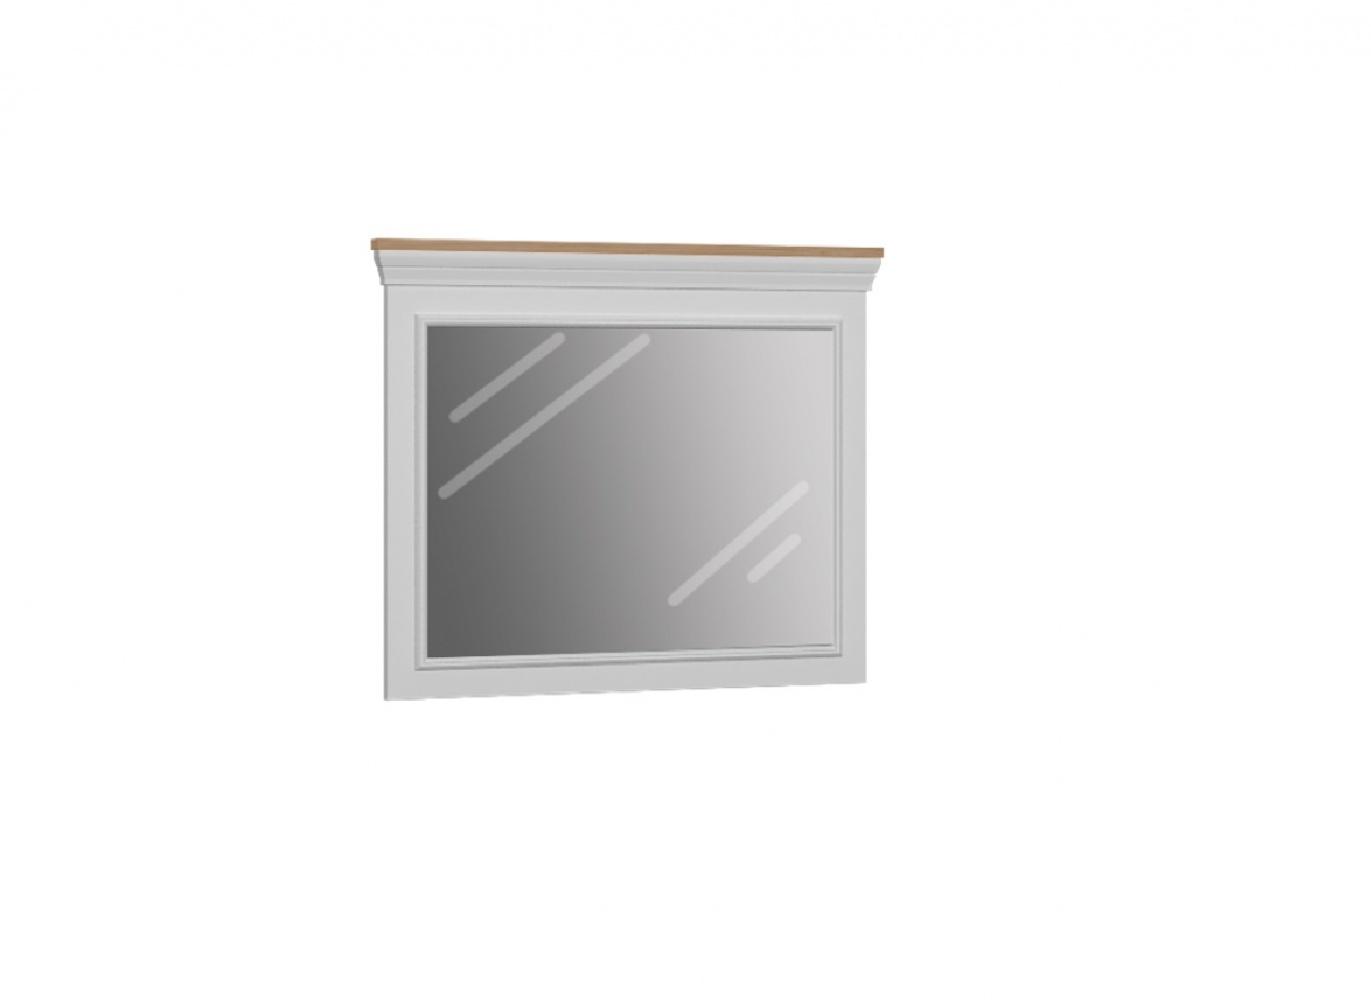 Almila Wandspiegel mit Rahmen Monte in Weiß